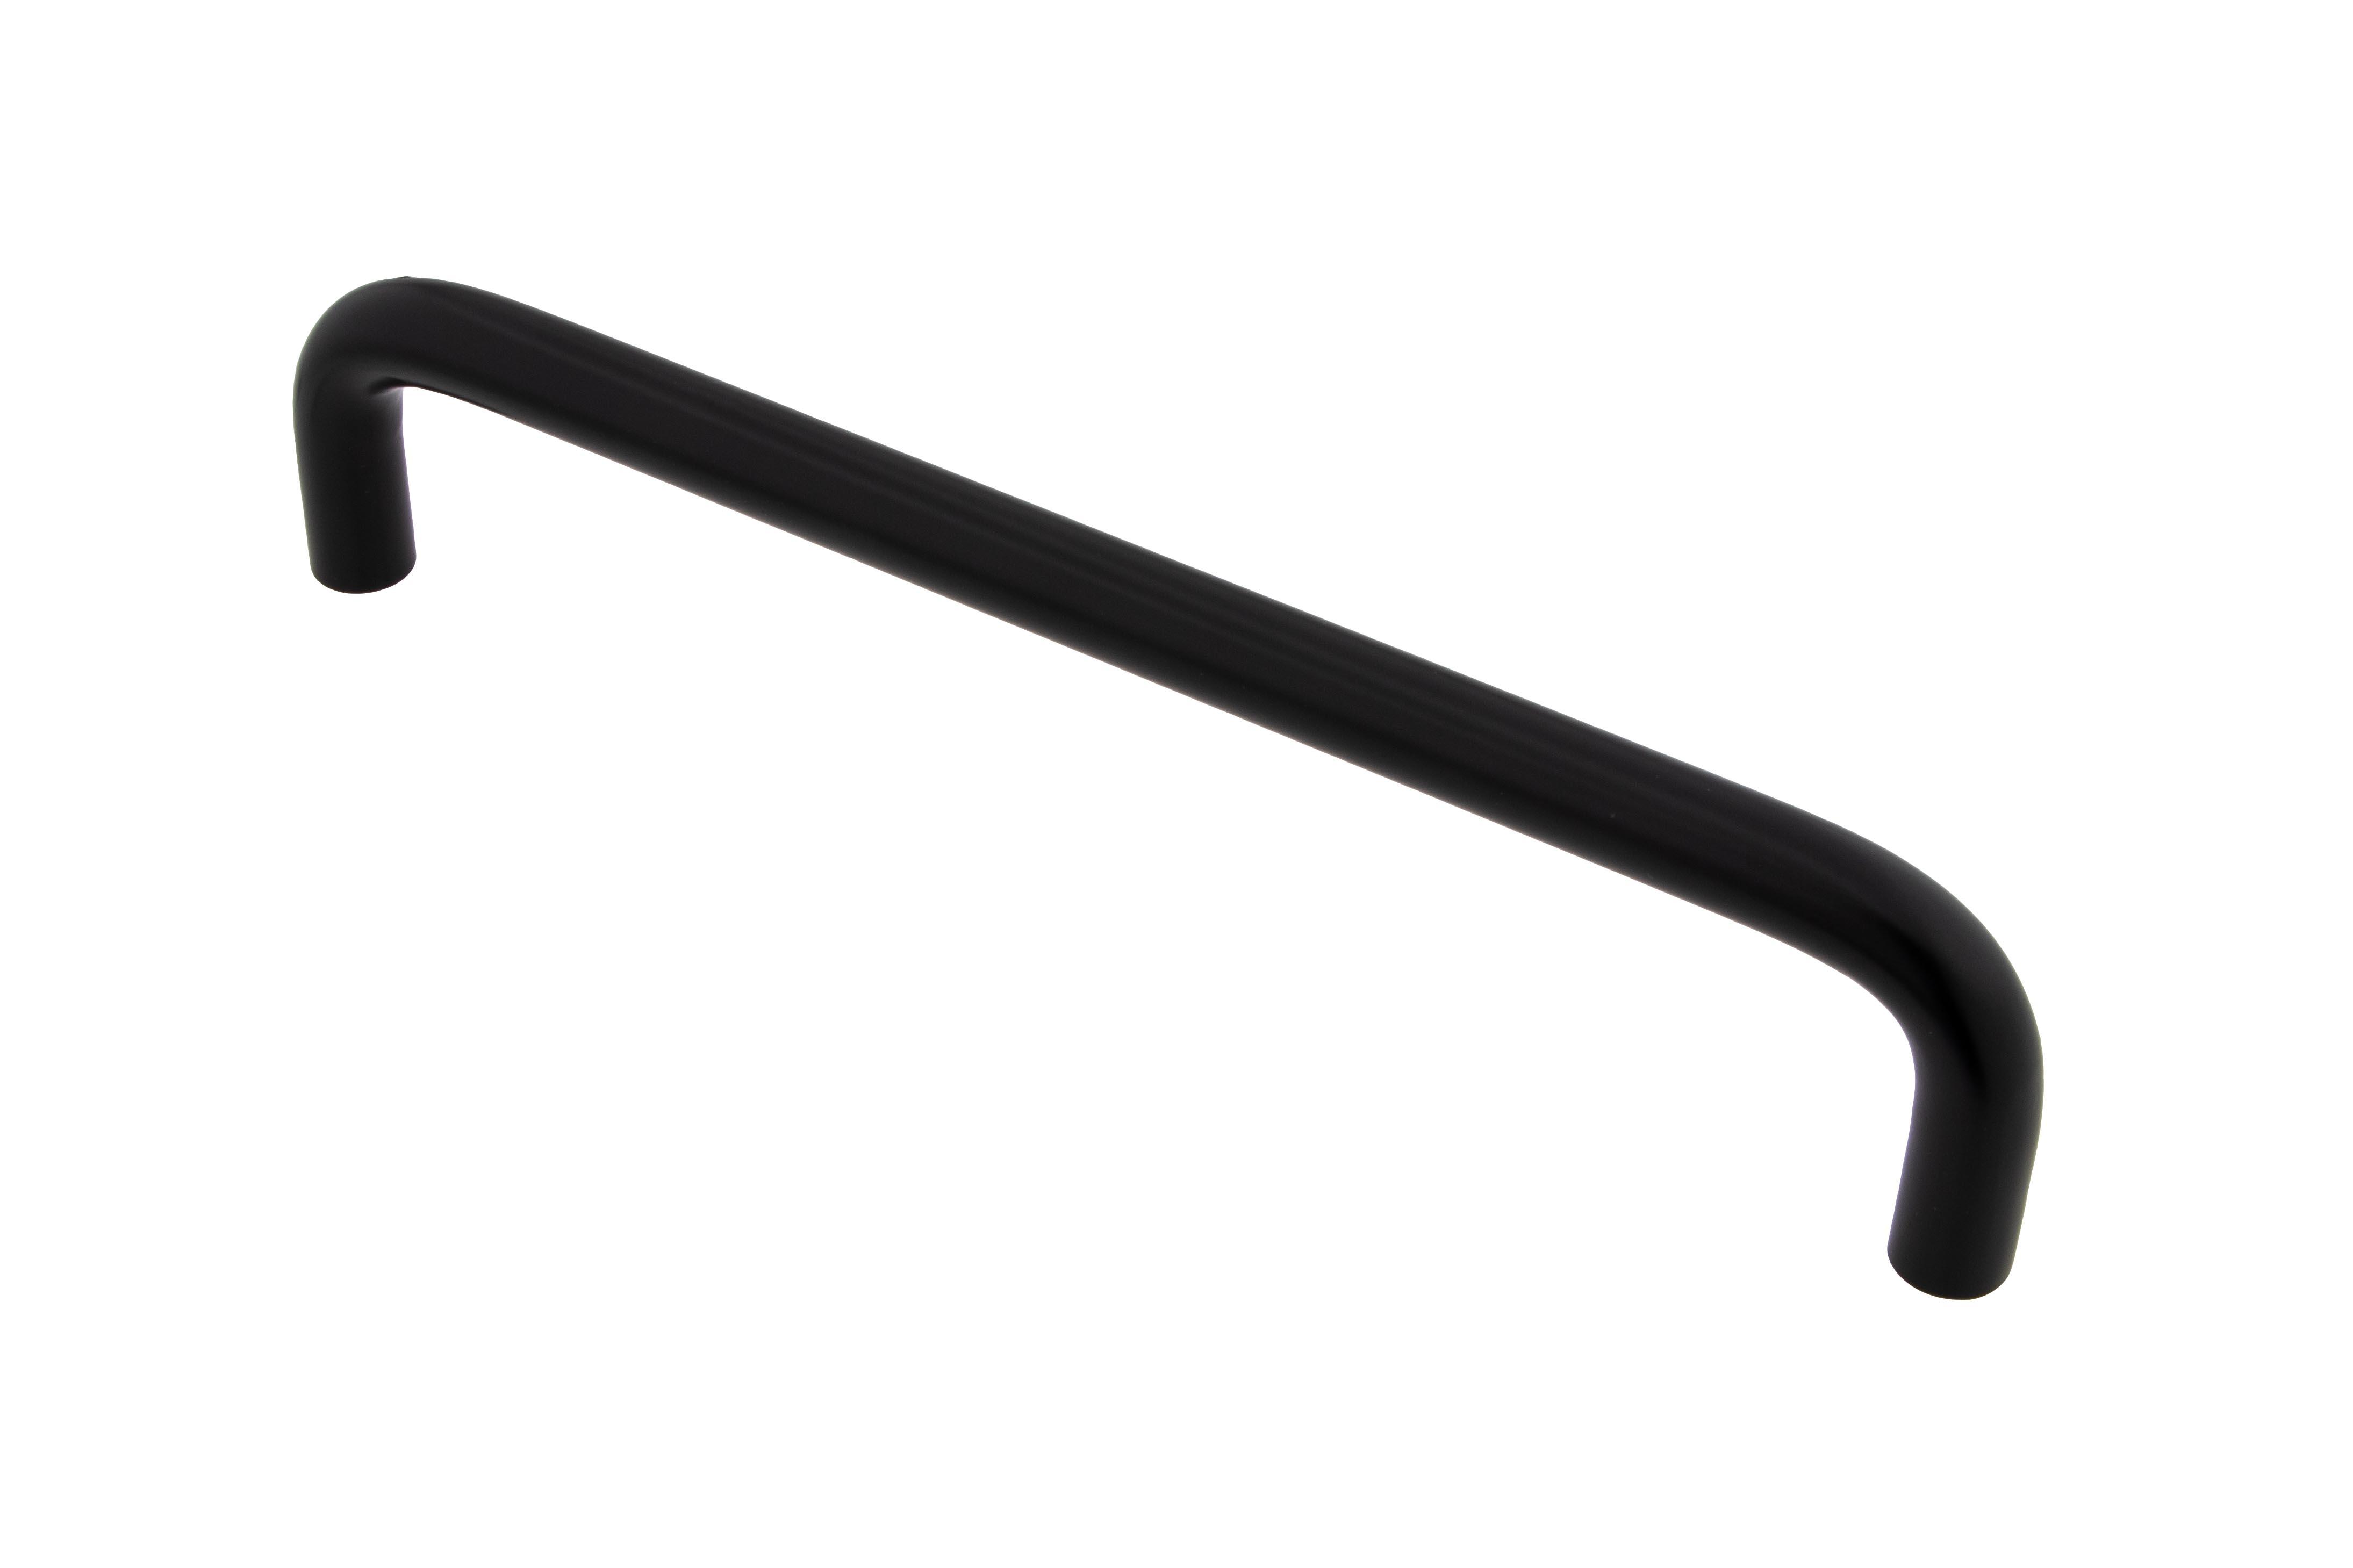 Häfele Möbelgriff H1011 Bügelgriff schwarz Bohrabstand 160 mm